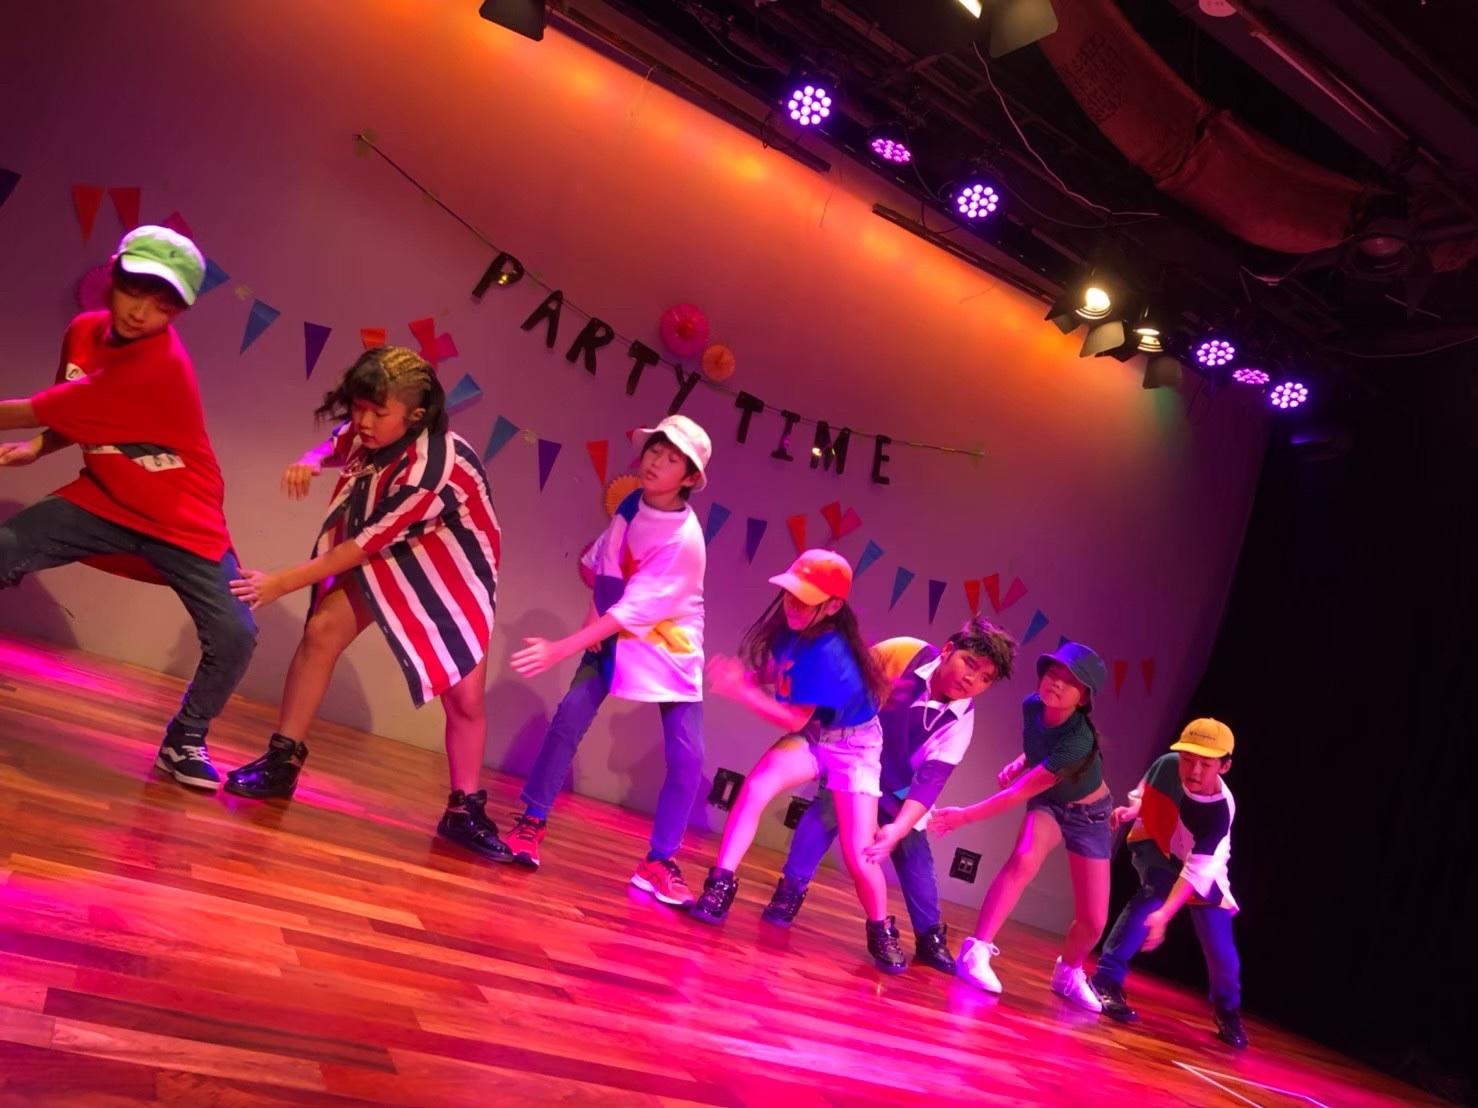 多摩市のダンススタジオ DANCE STUDIO 4 LIKES